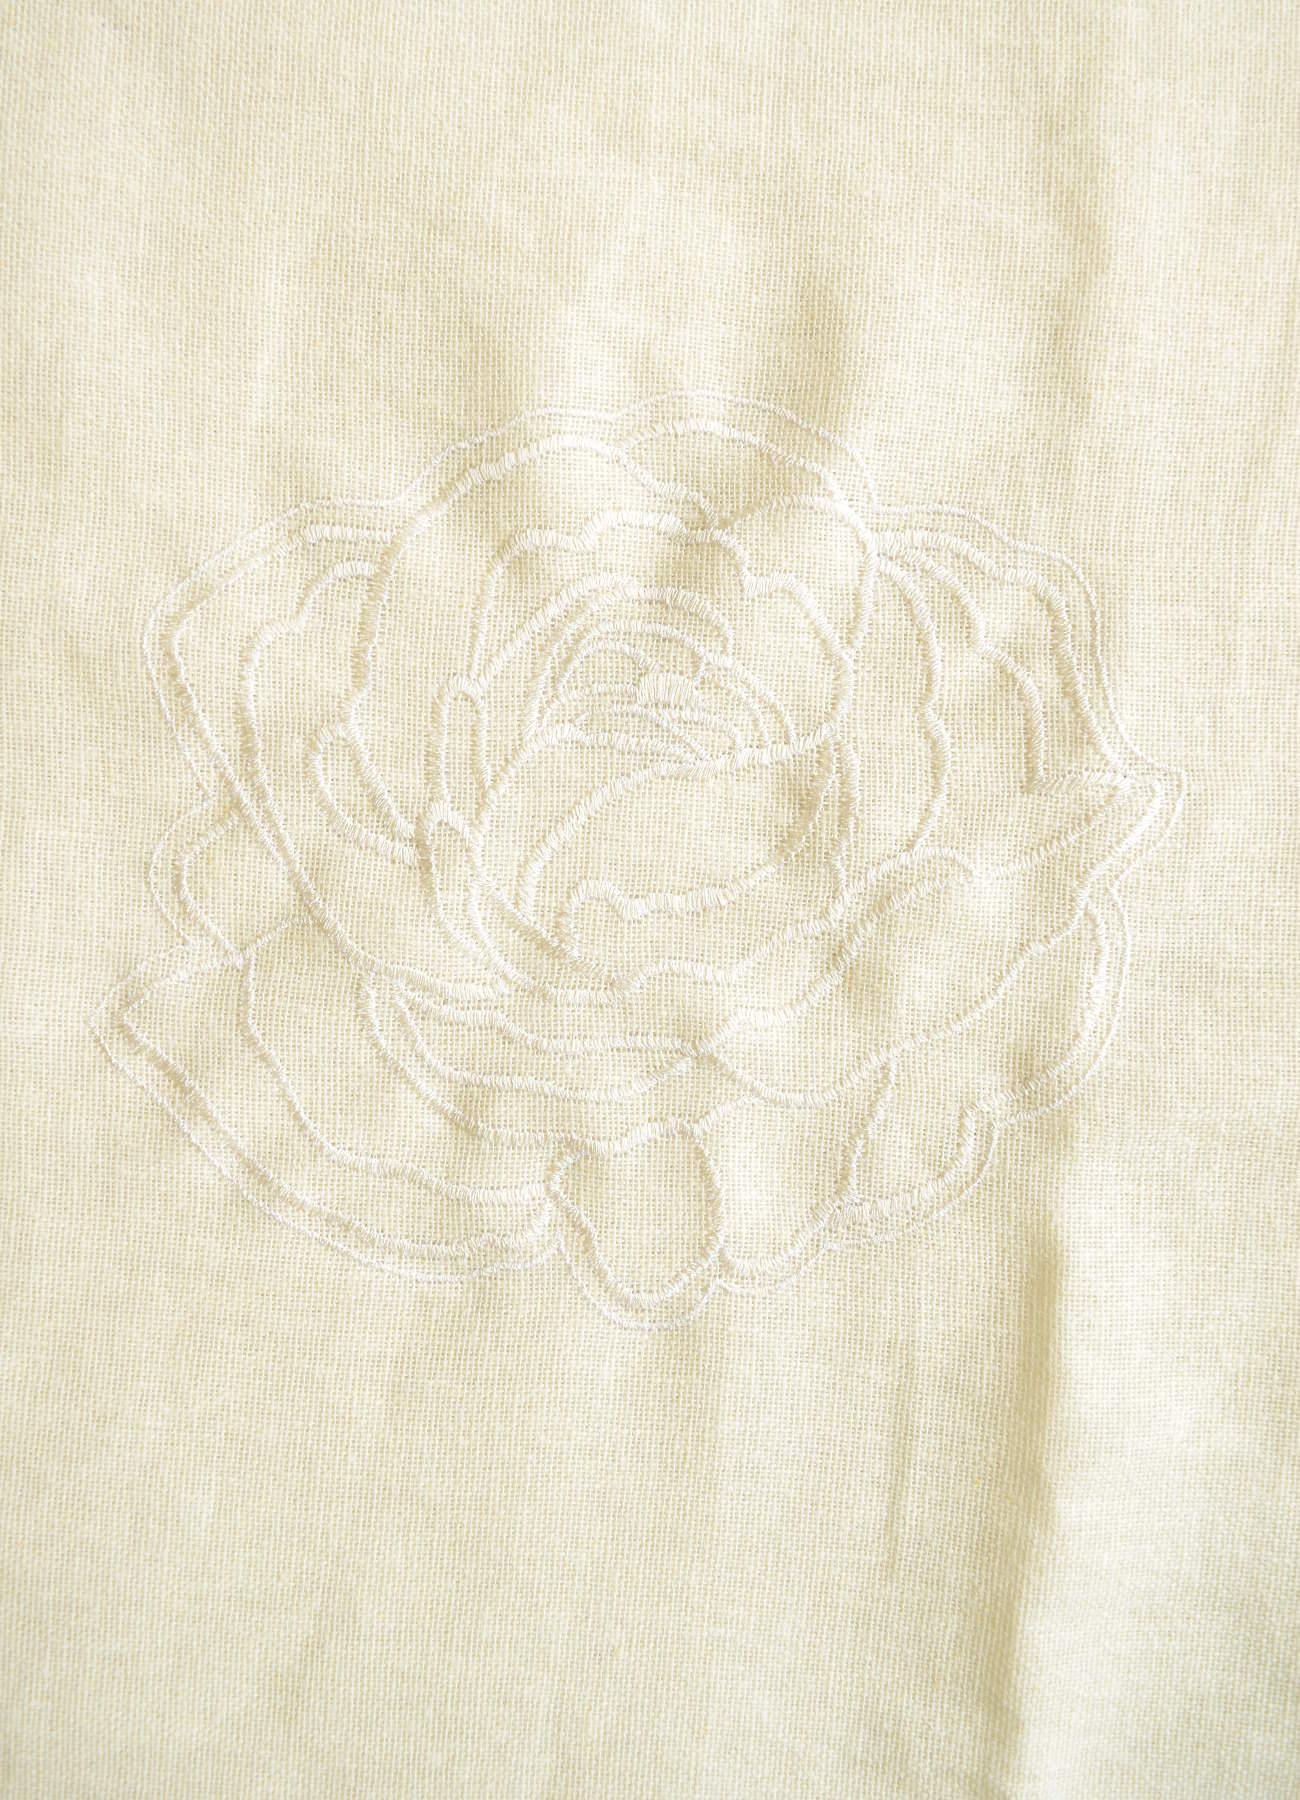 刺繍カーテン ホワイトローズ①全体